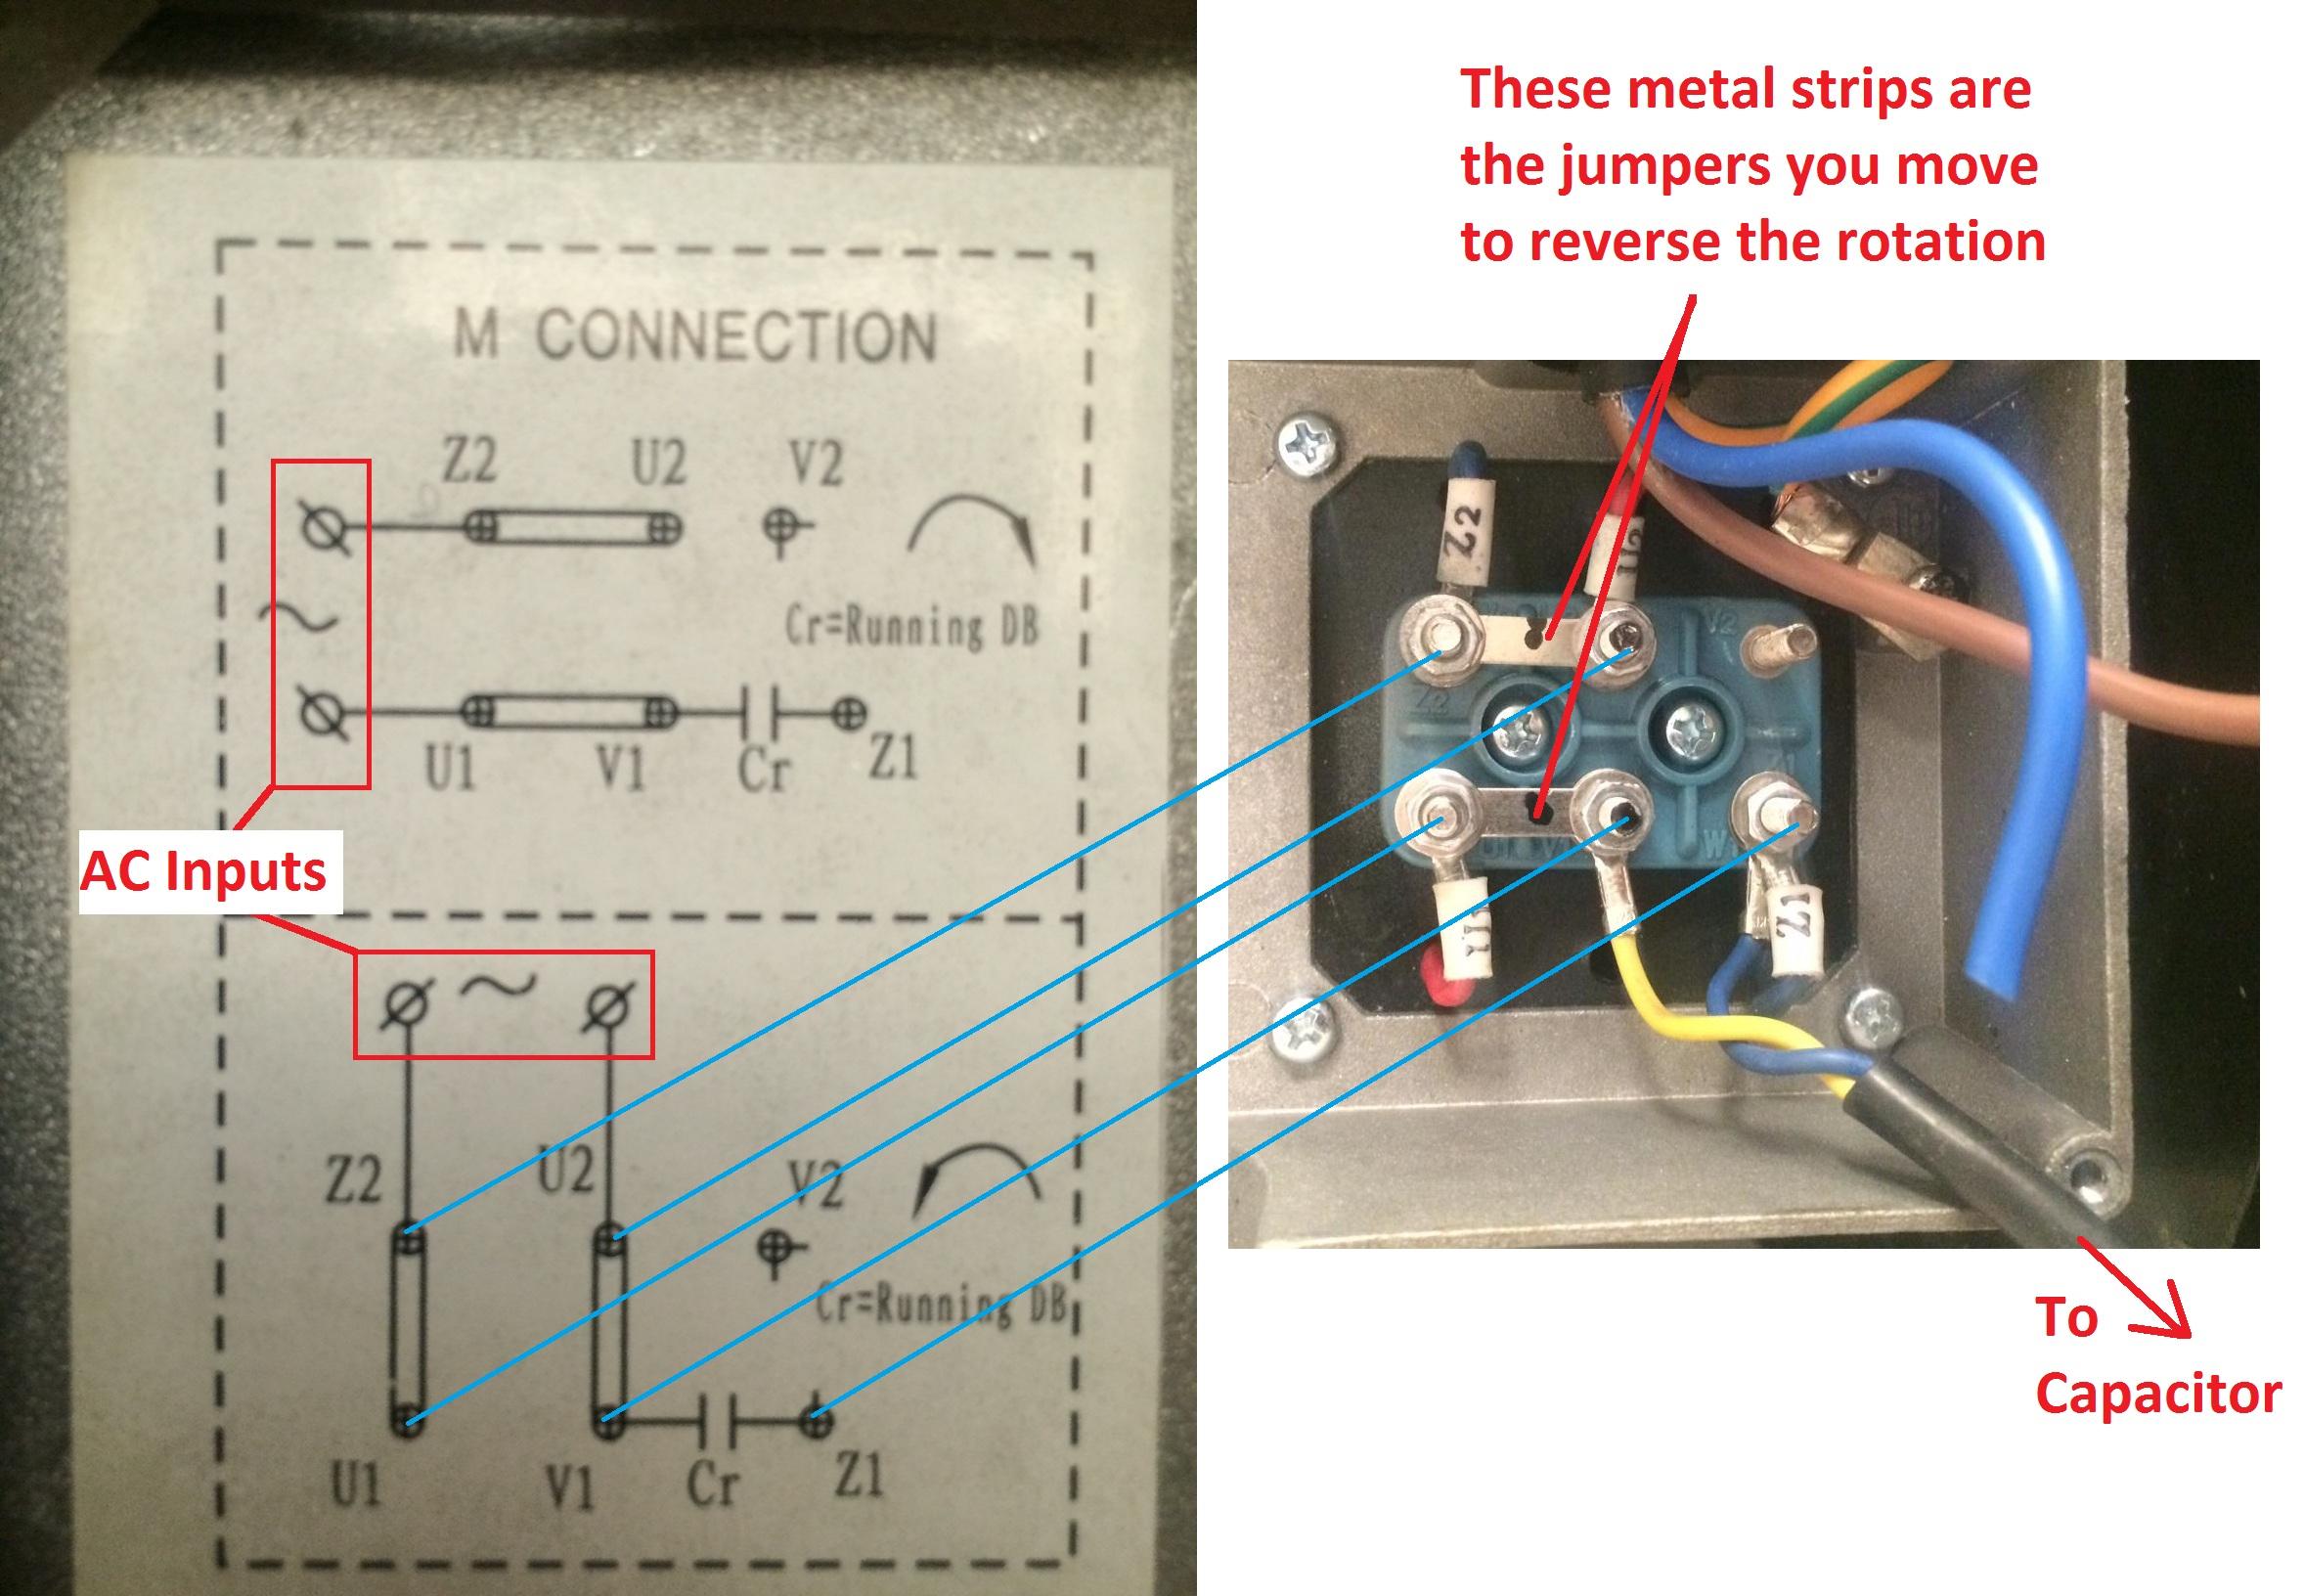 220V Ac Single Phase Wiring - Wiring Diagram Data - 220V Single Phase Motor Wiring Diagram